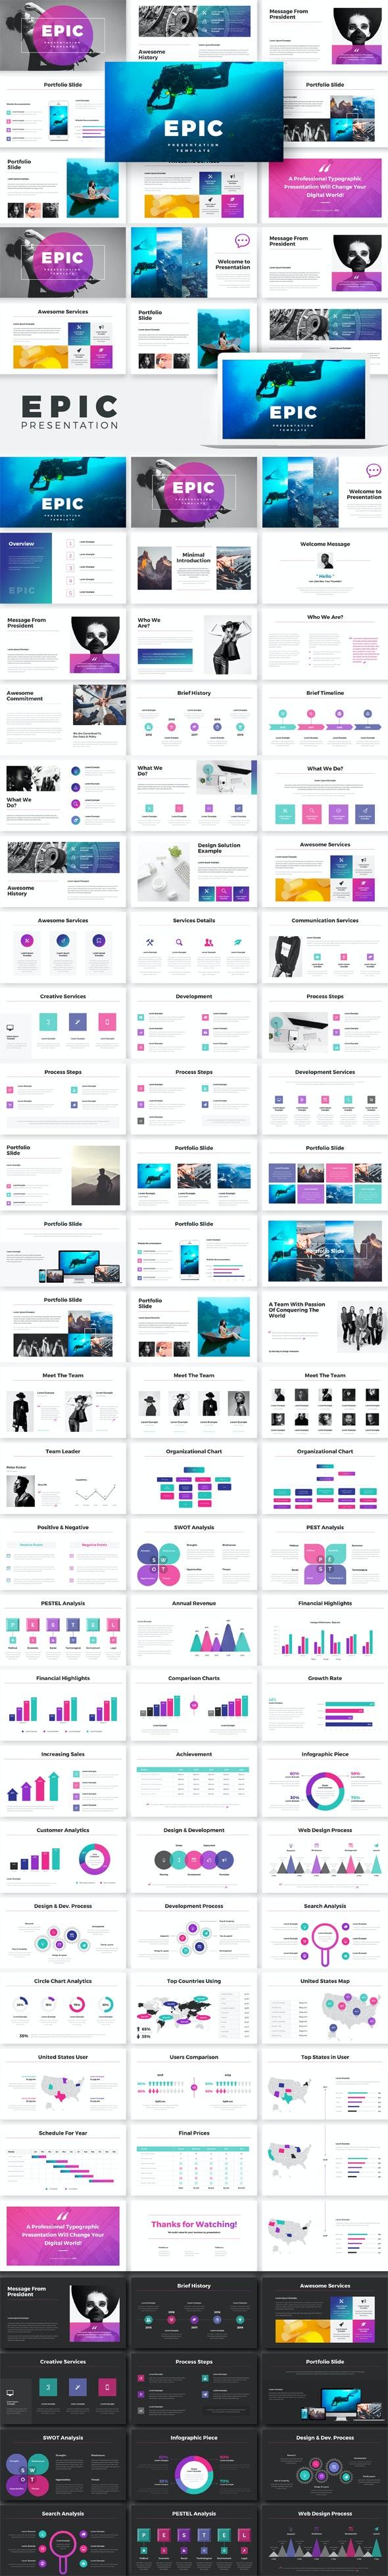 Epic Google Slides Template - Google Slides Presentation Templates